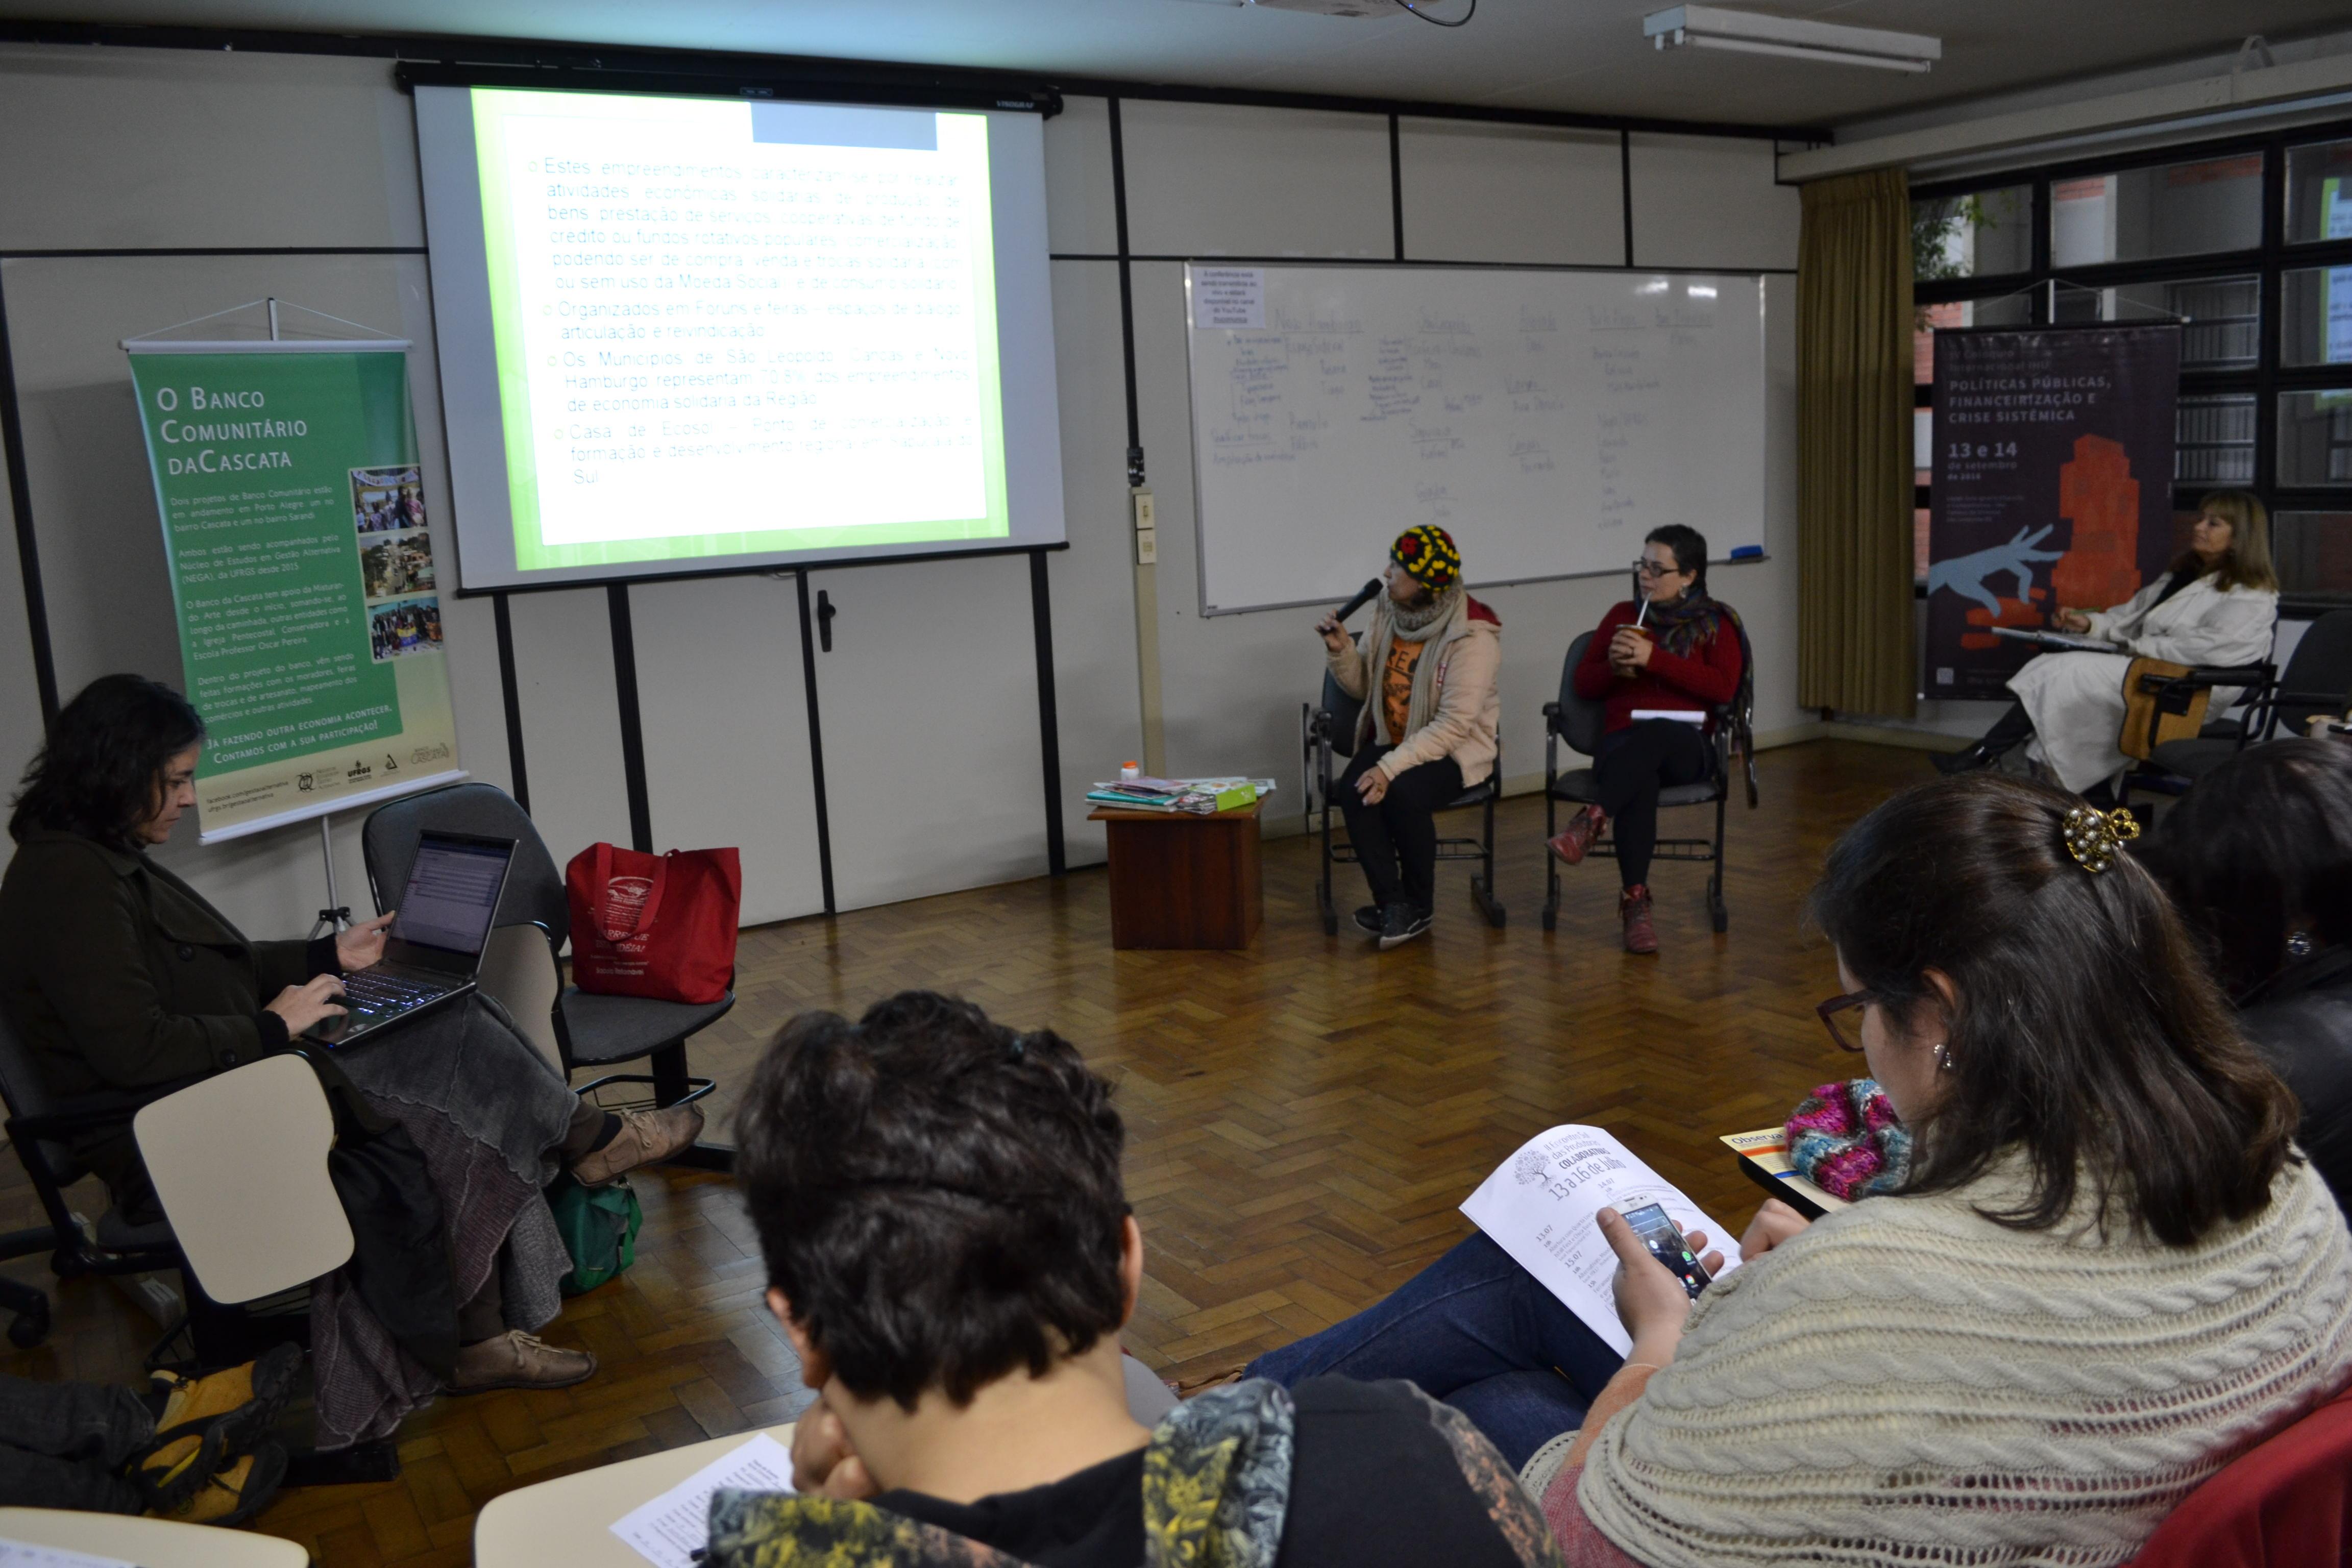 Gestão colaborativa de bancos comunitários: moeda social e software livre de gestão